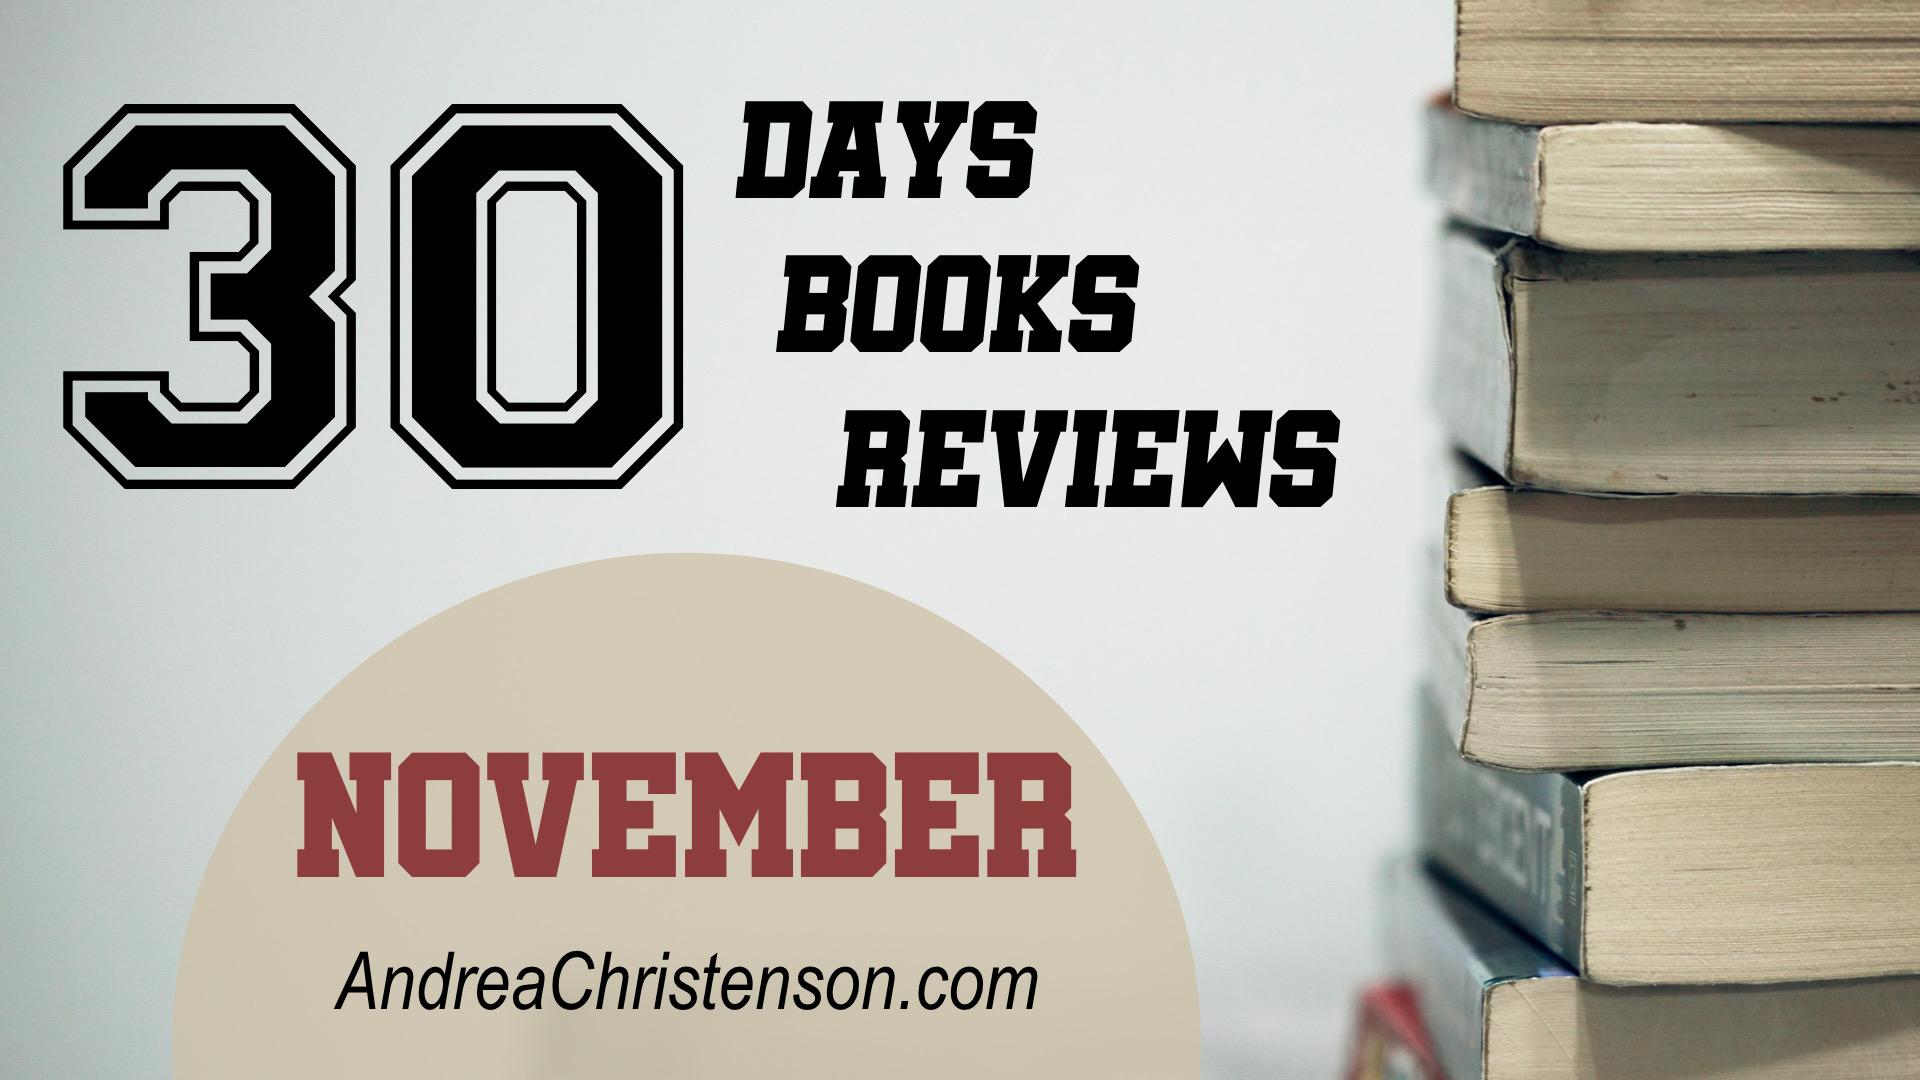 Nov - 30 for 30 reviews